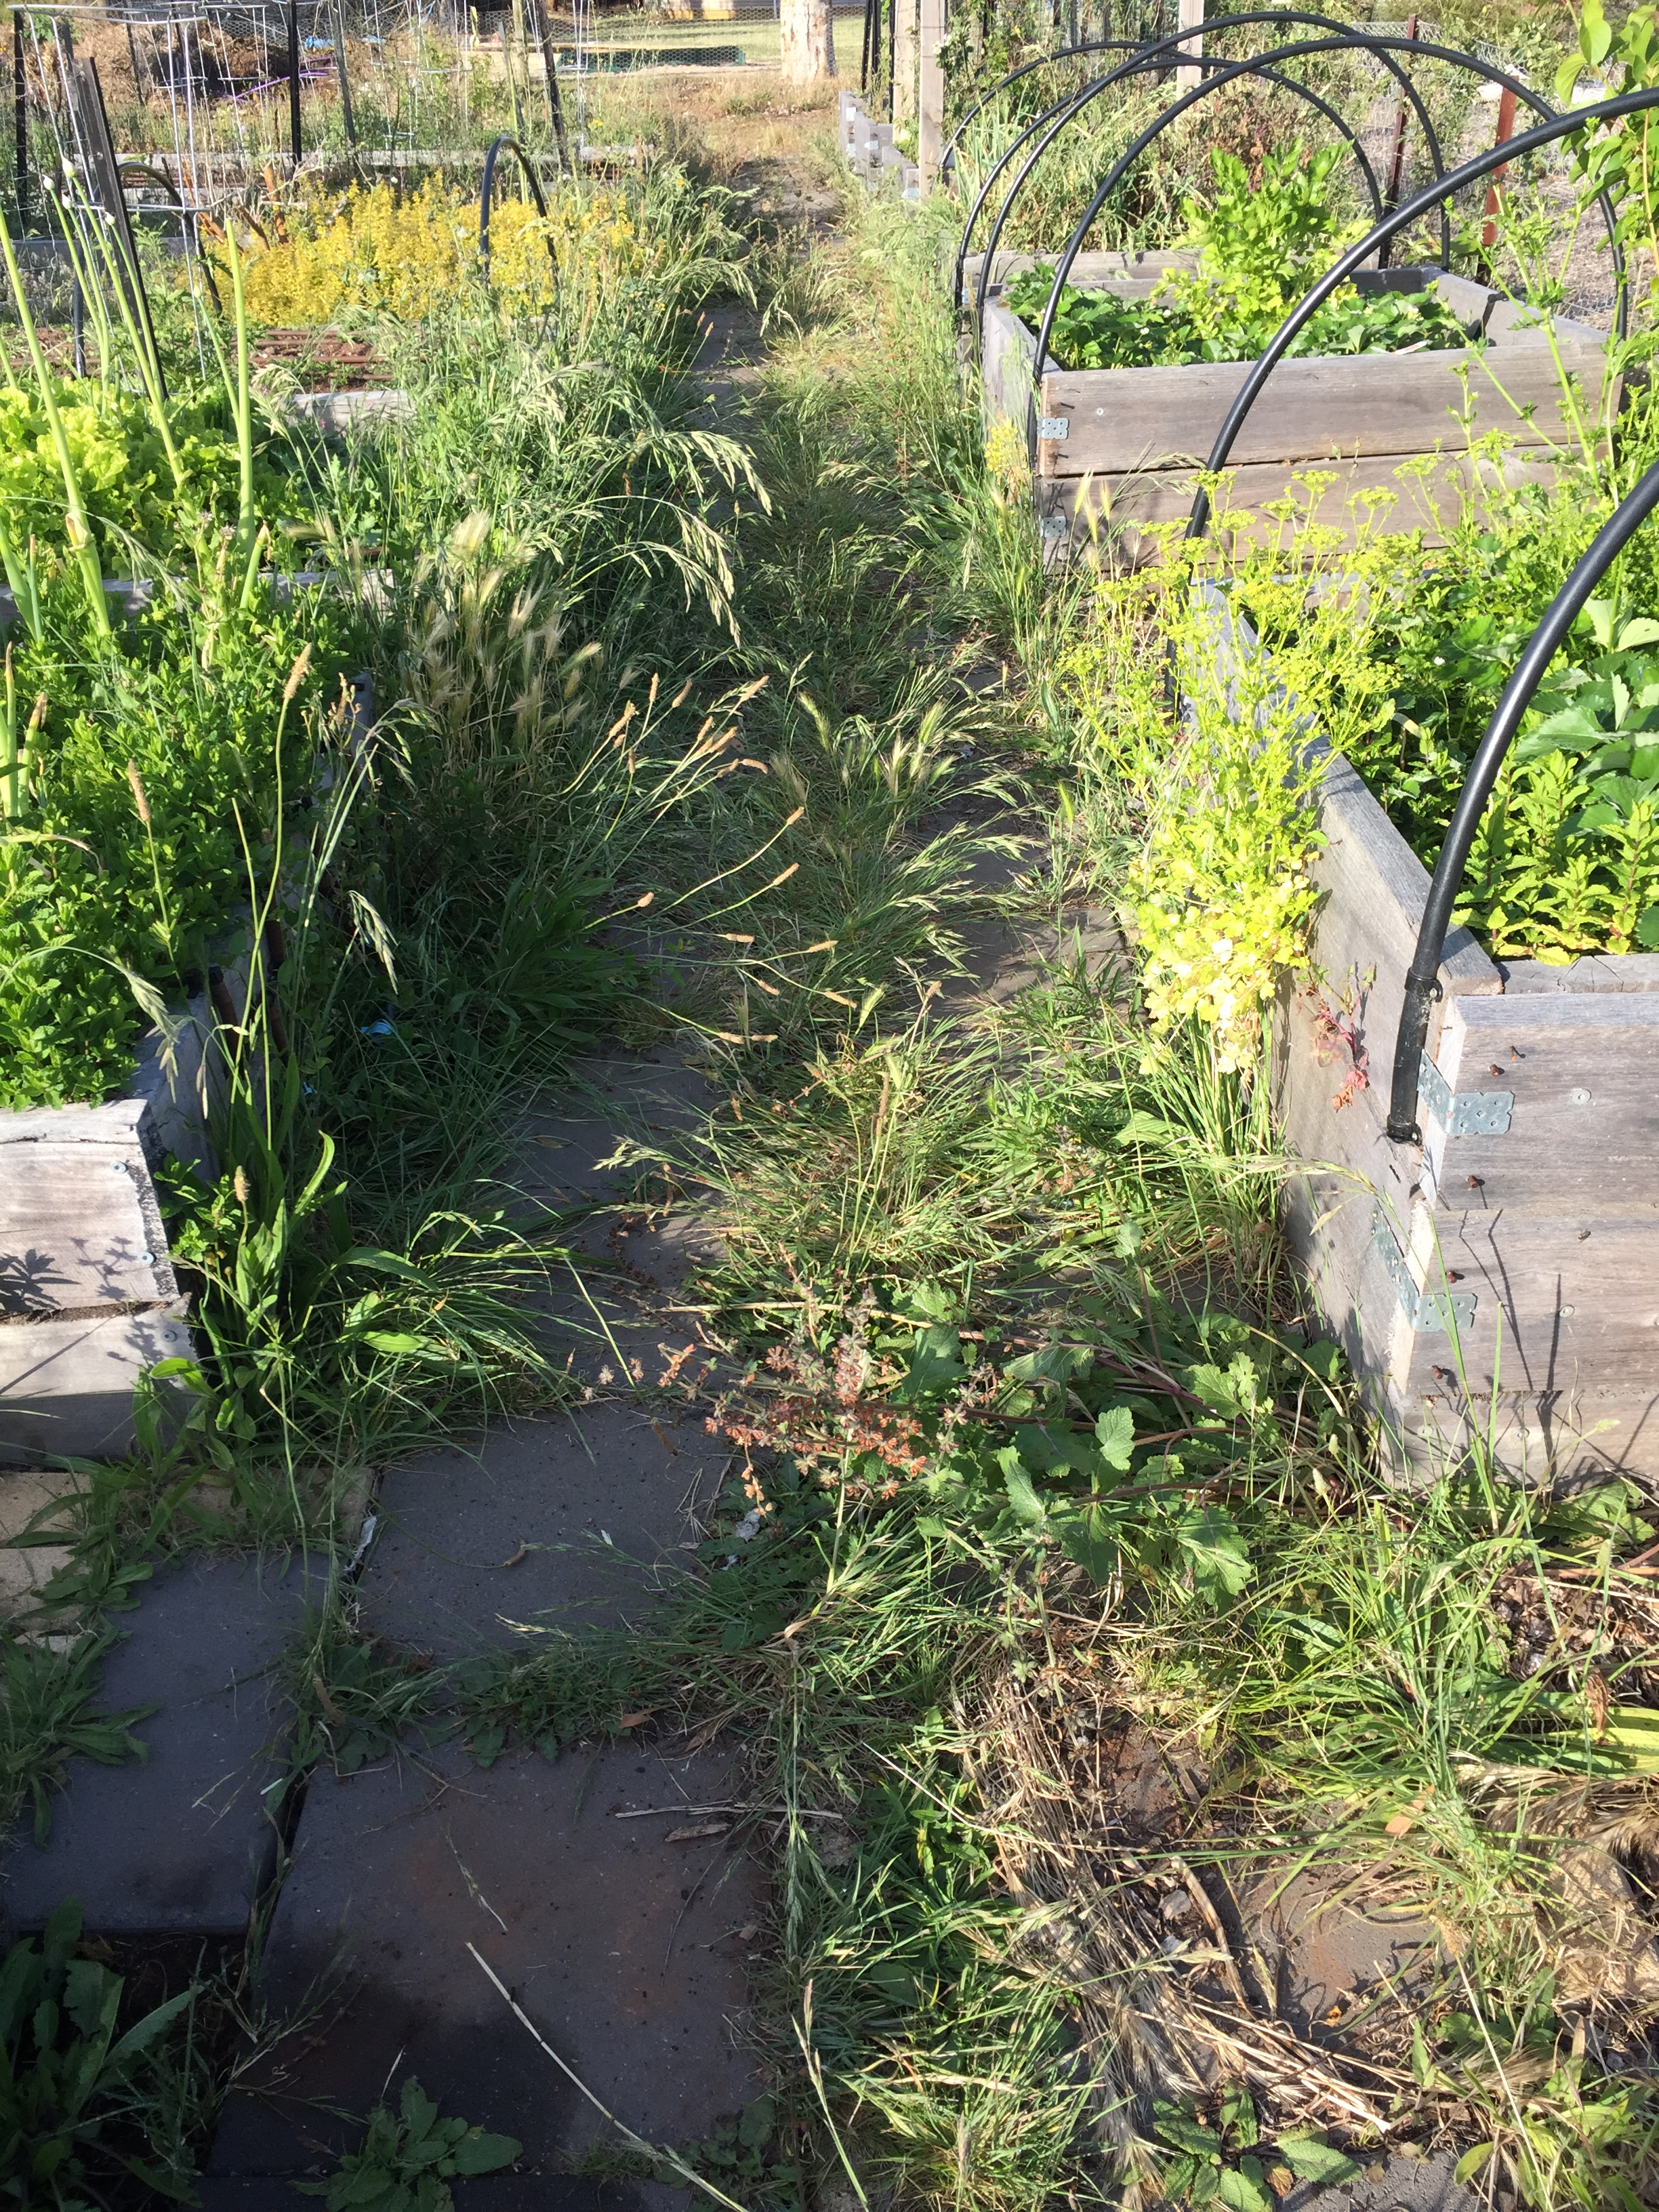 Veg garden neglect